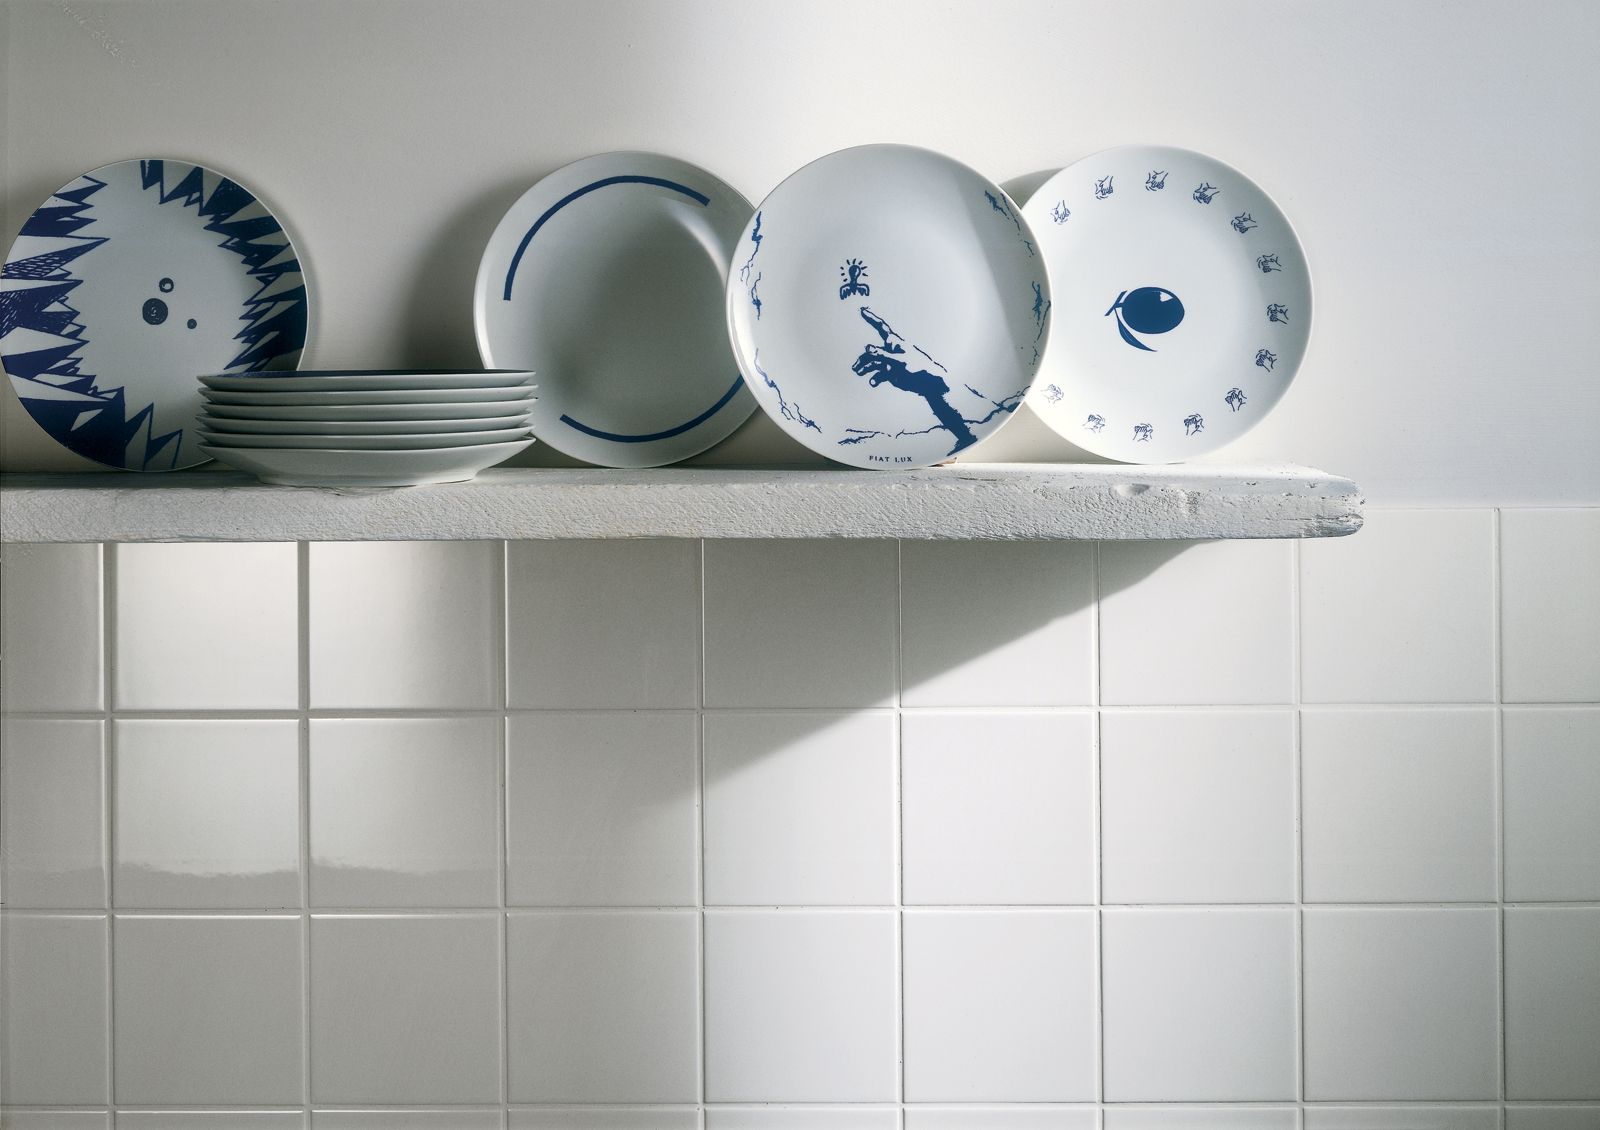 Bianchi piastrelle in ceramica per rivestimenti ragno - Piastrelle cucina bianche ...